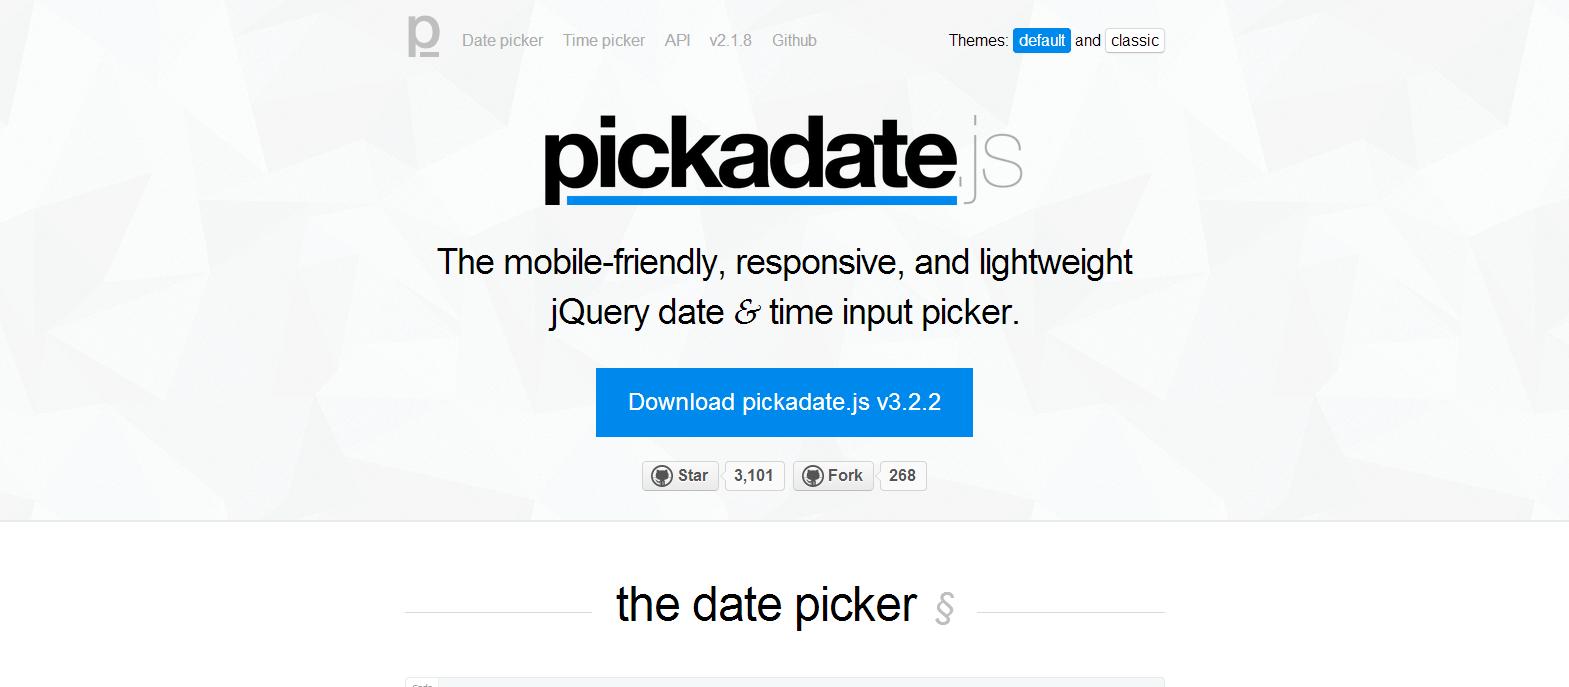 pickadate.js